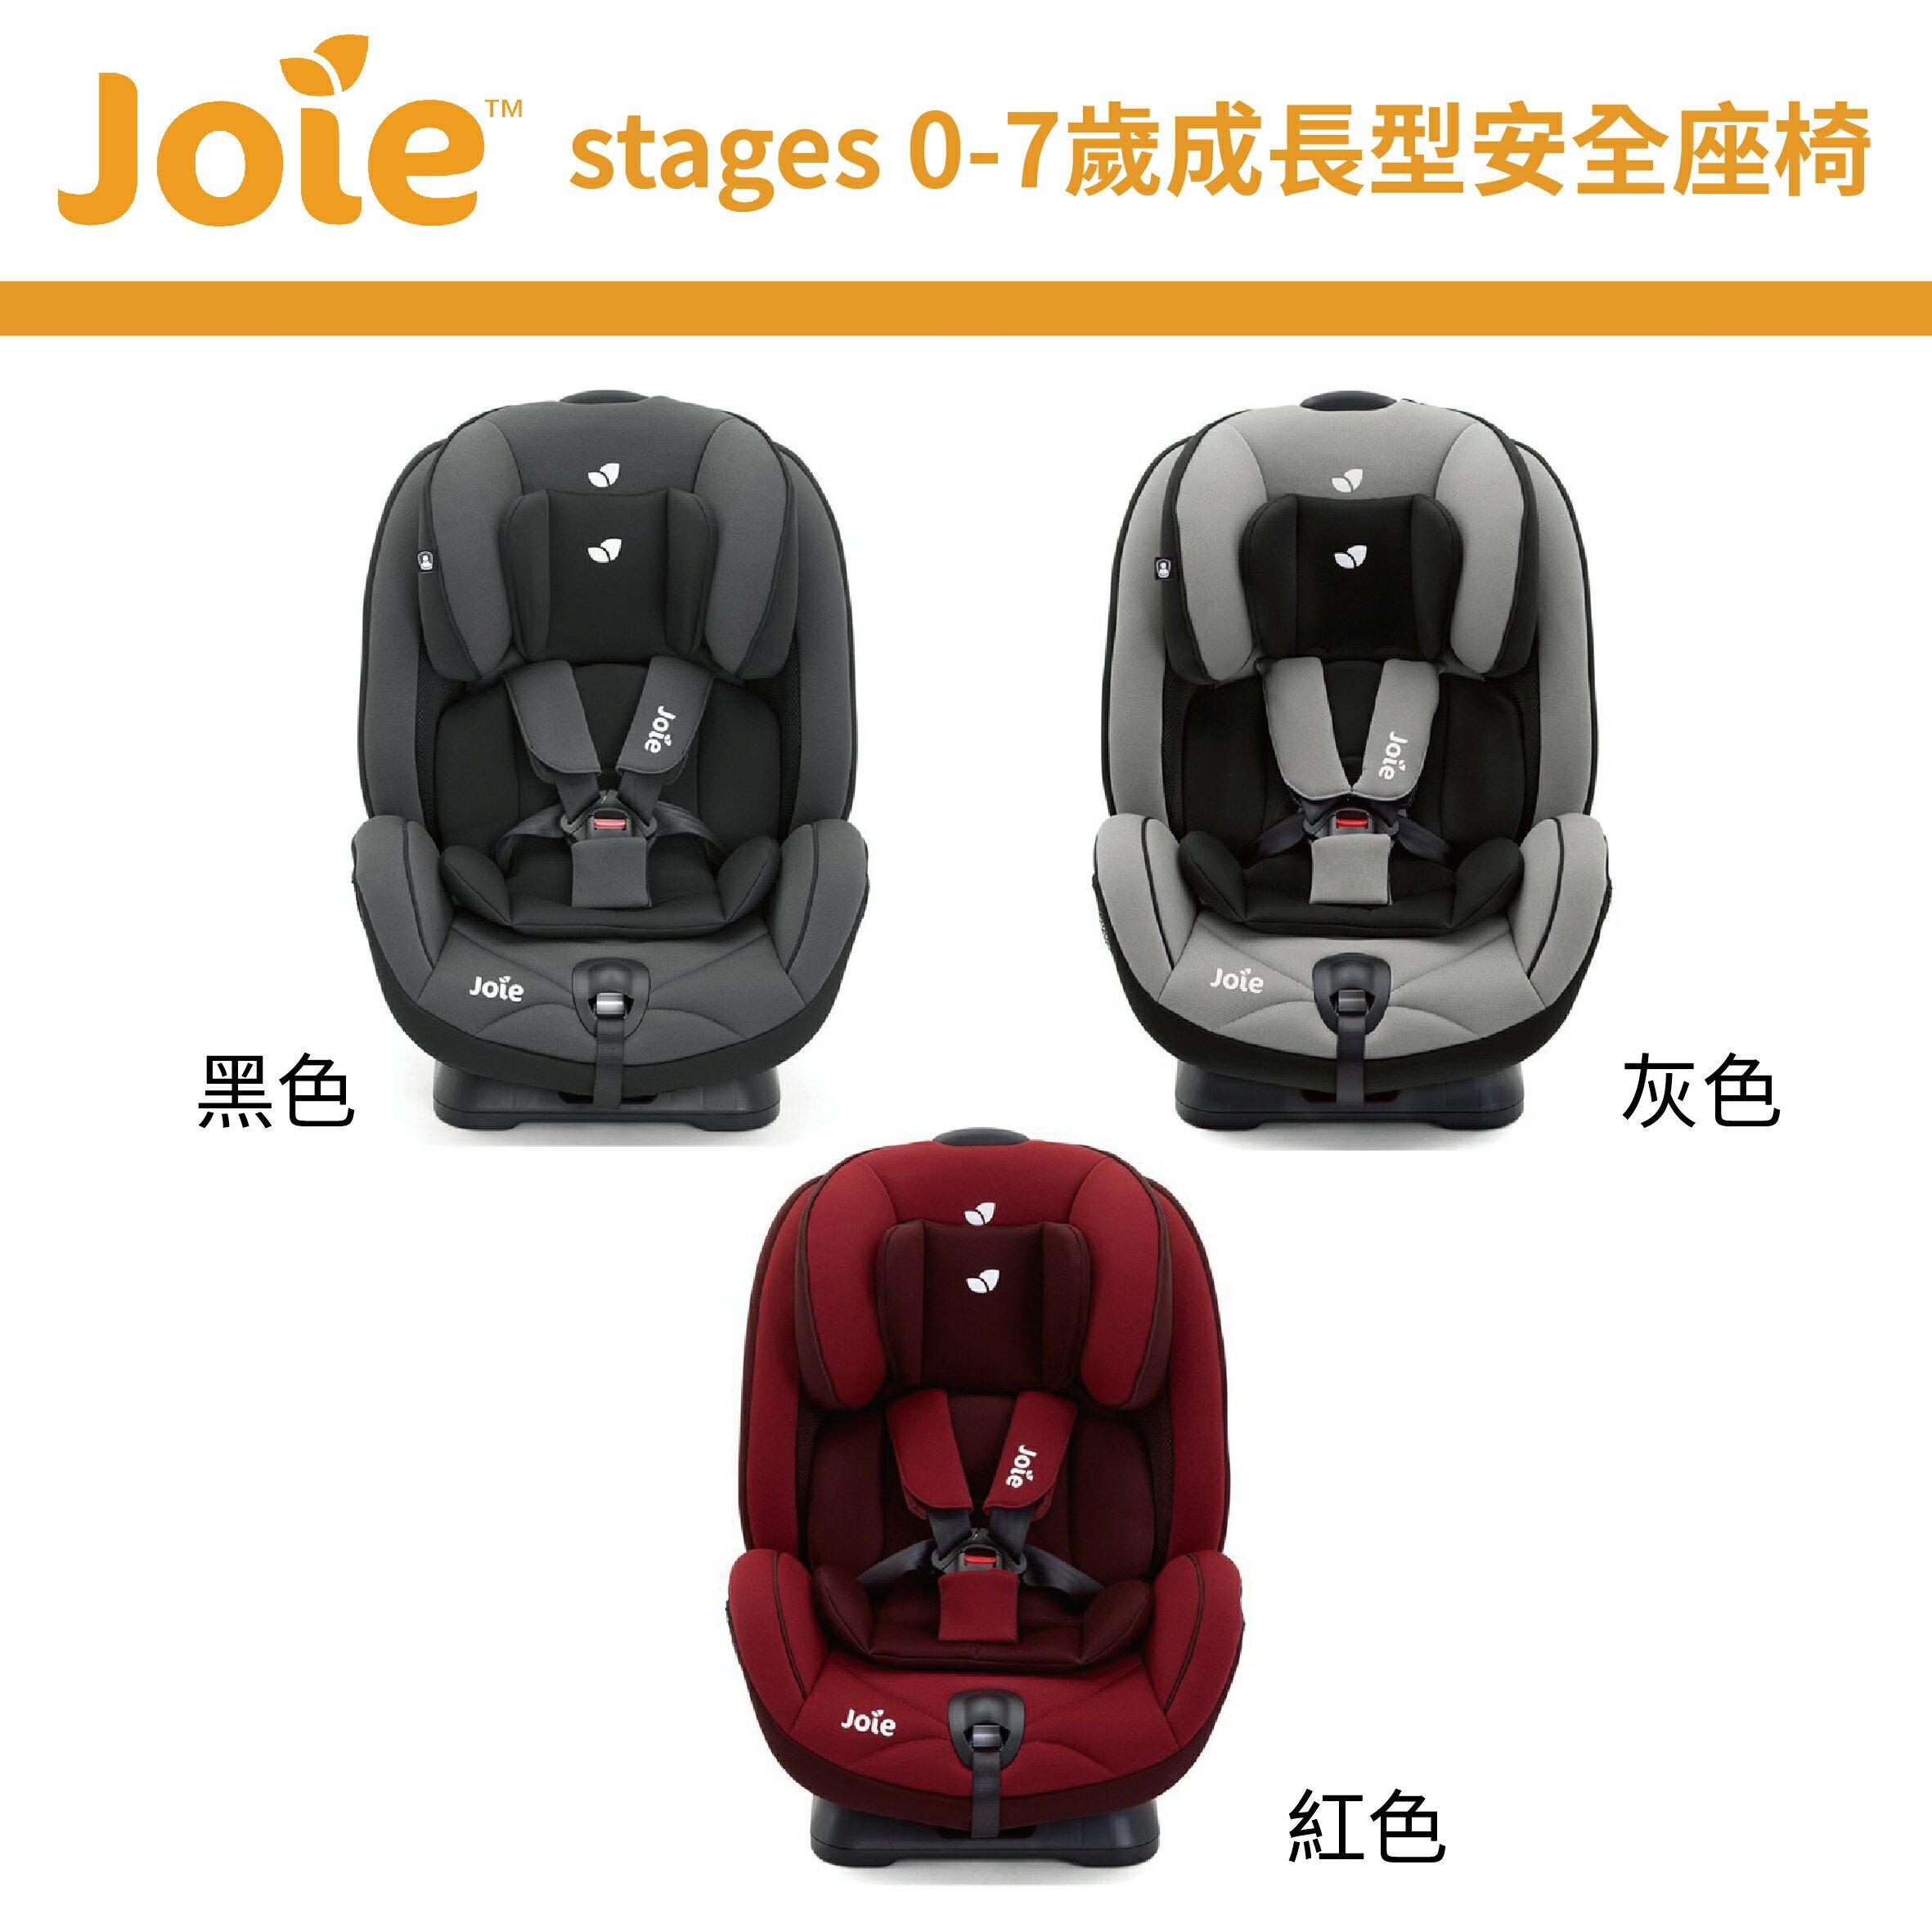 【大成婦嬰】奇哥 Joie stages 0-7歲成長型安全座椅 運費$150